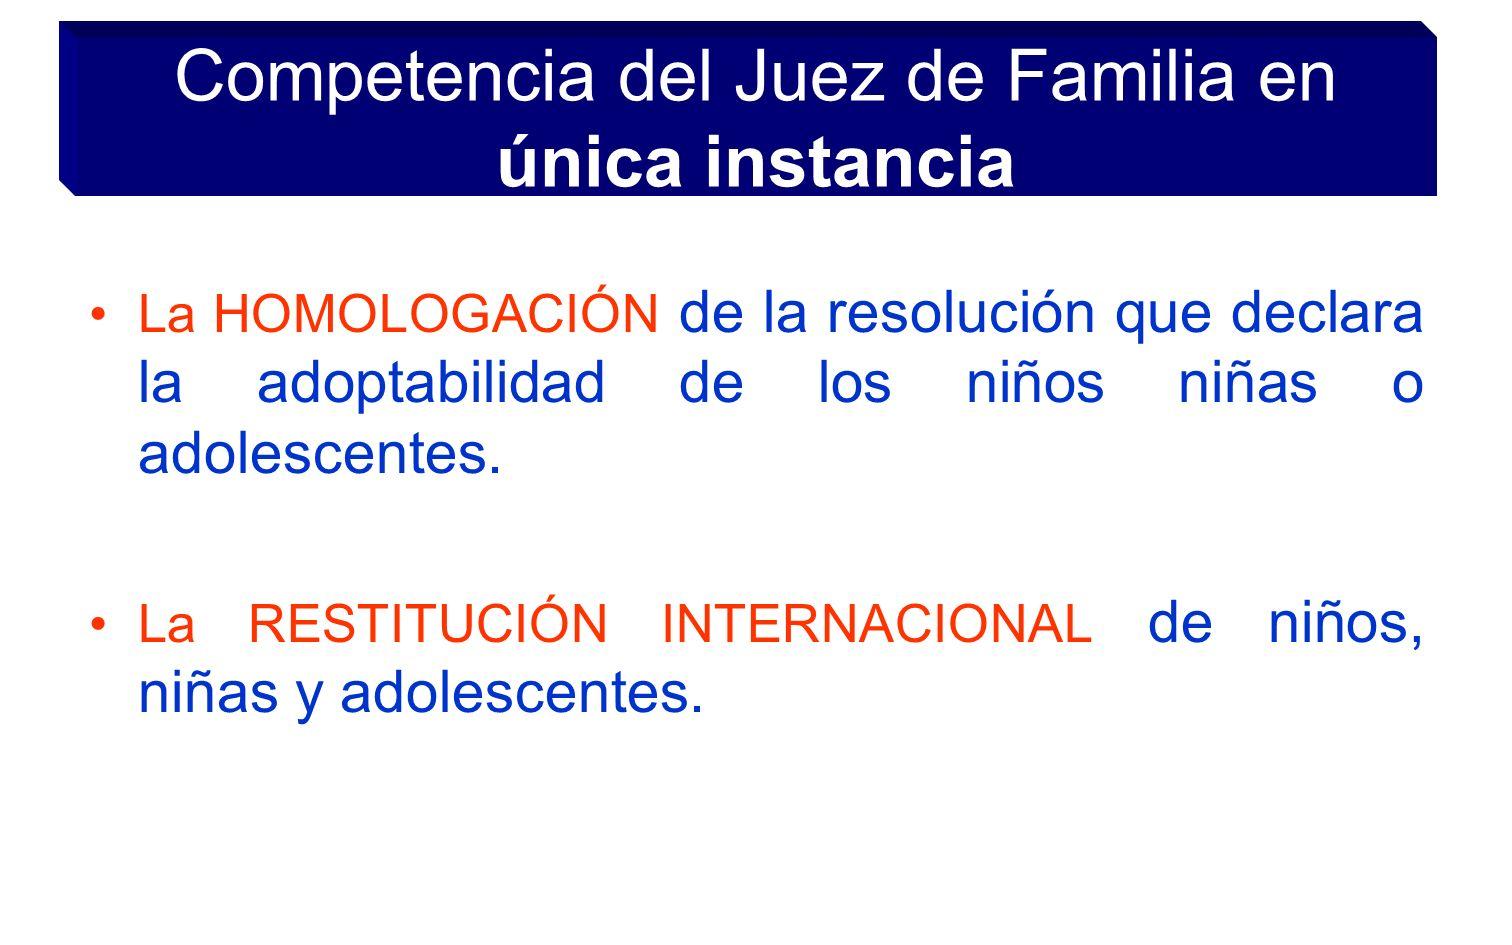 Competencia del Juez de Familia en única instancia La HOMOLOGACIÓN de la resolución que declara la adoptabilidad de los niños niñas o adolescentes. La